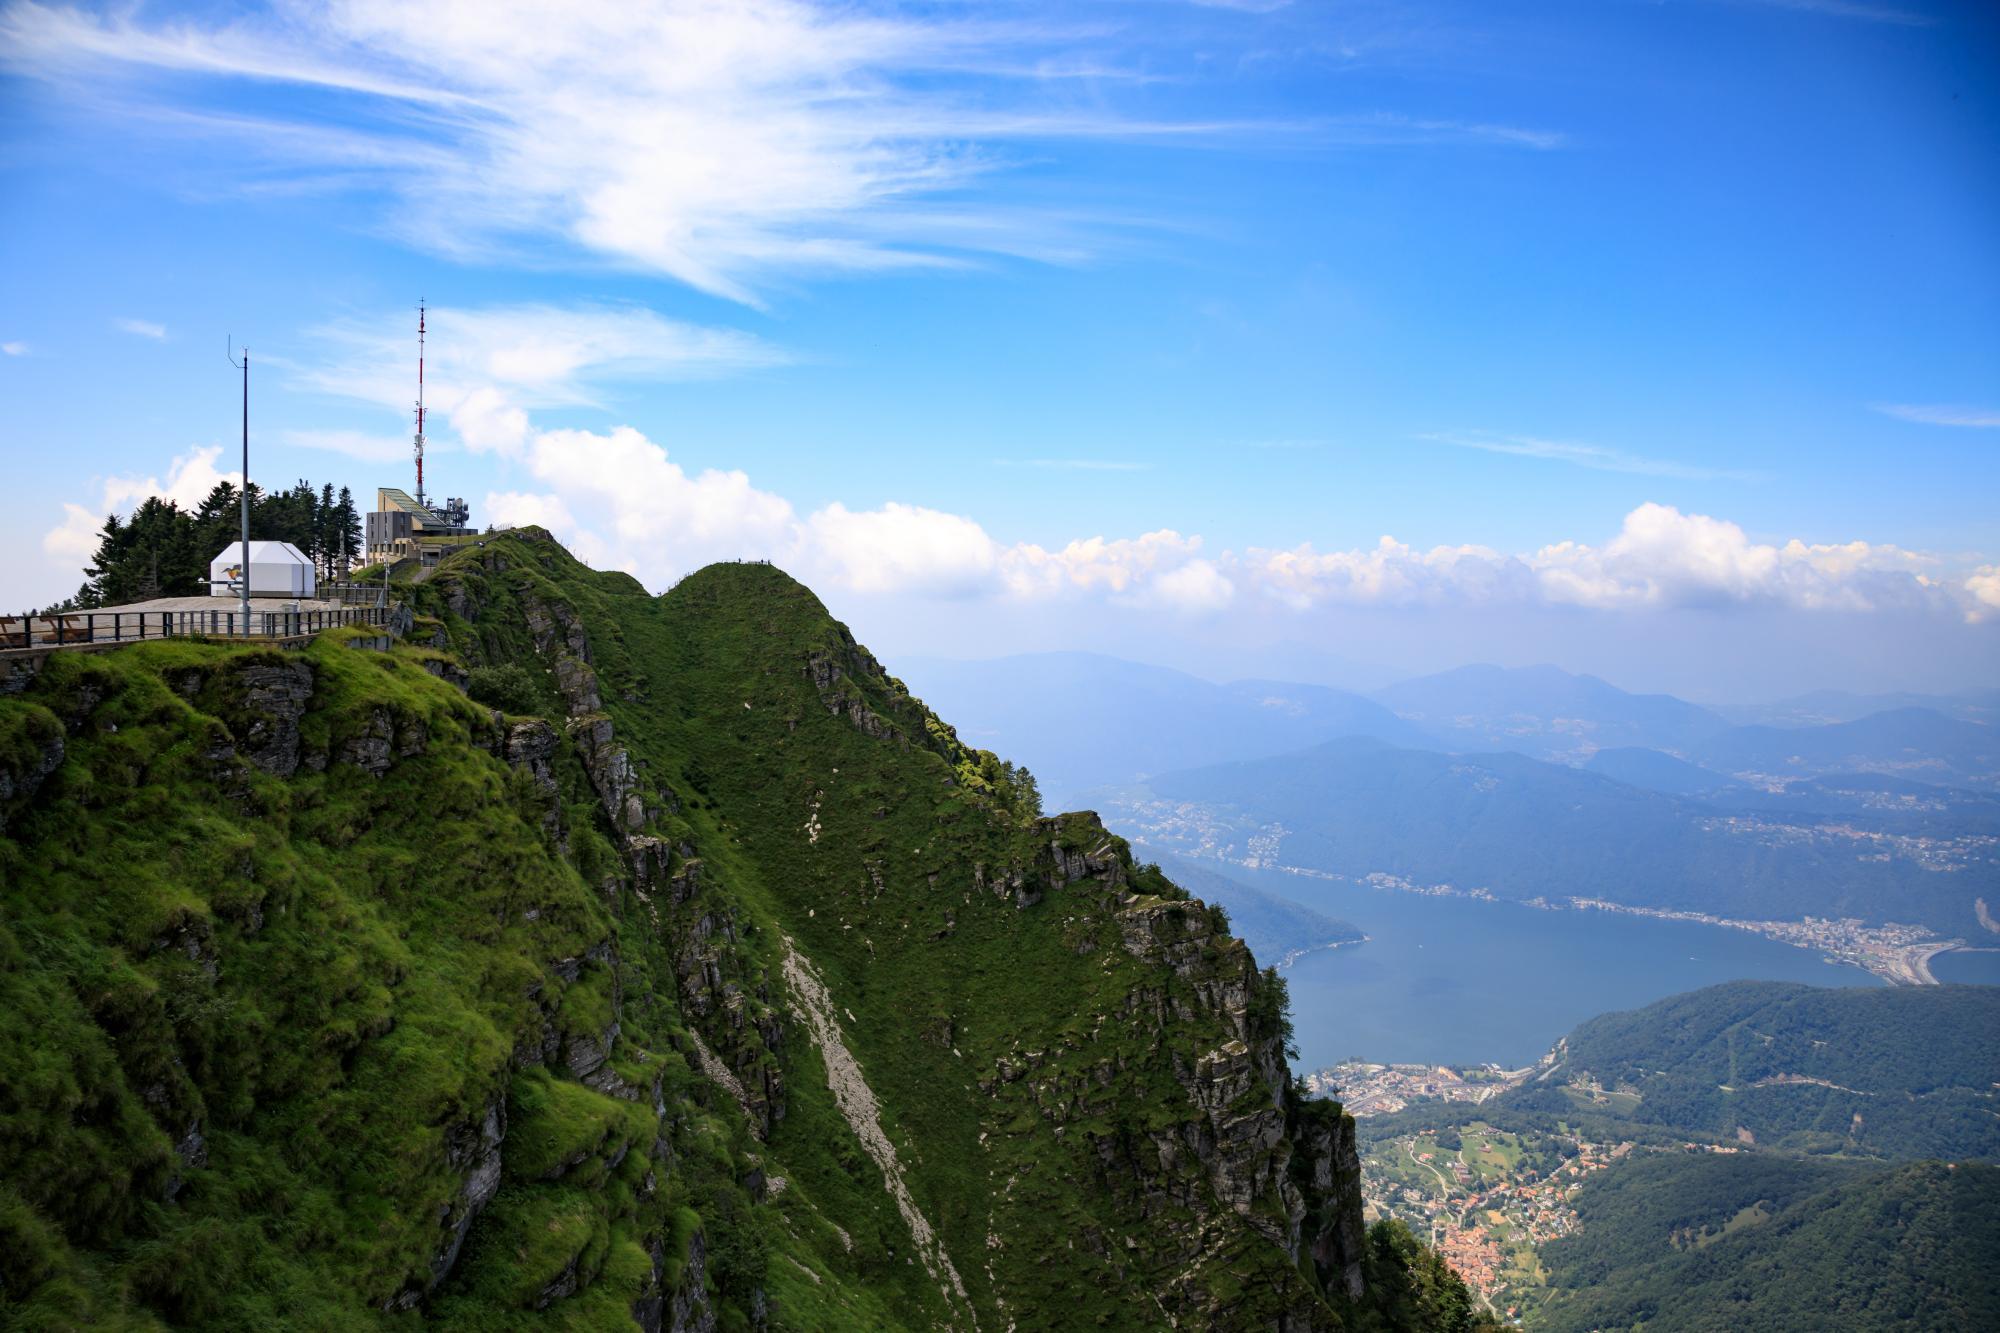 EAN-Basisstationen sind vorzugsweise an exponierten Orten mit möglichst guter Rundumsicht aufgebaut, das Bild zeigt die Station auf dem Monte Generoso in der Schweiz.